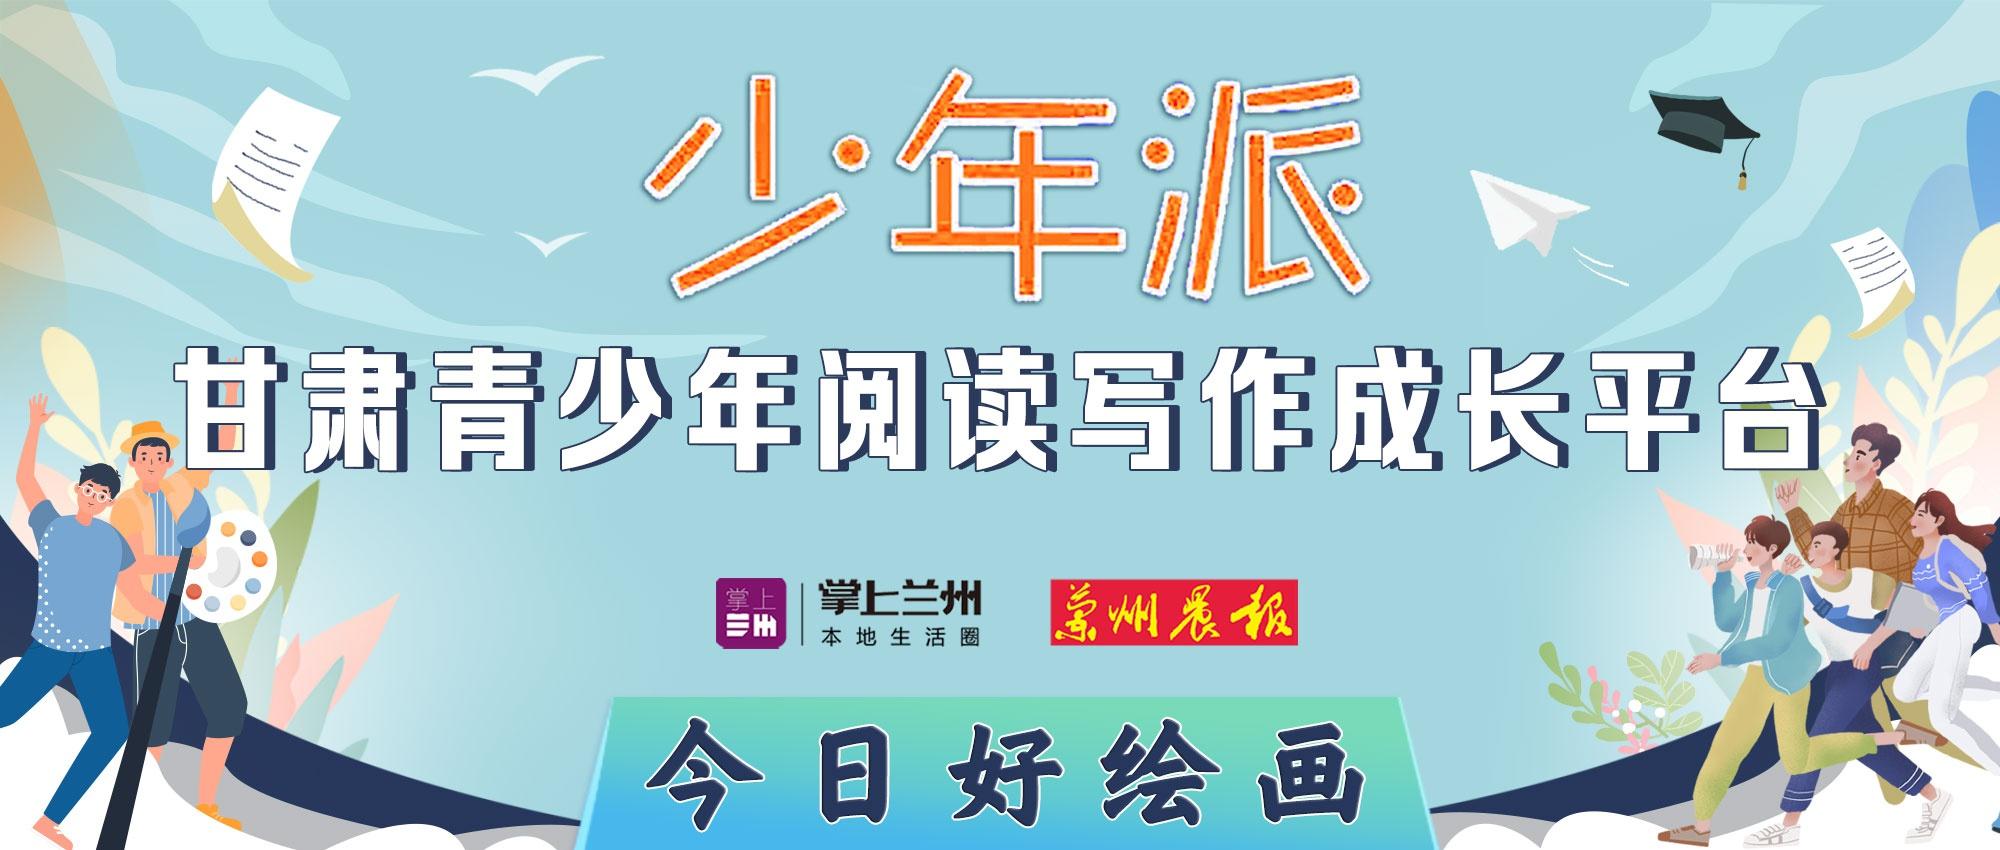 今日好书法(15)丨《井冈山会师》选段